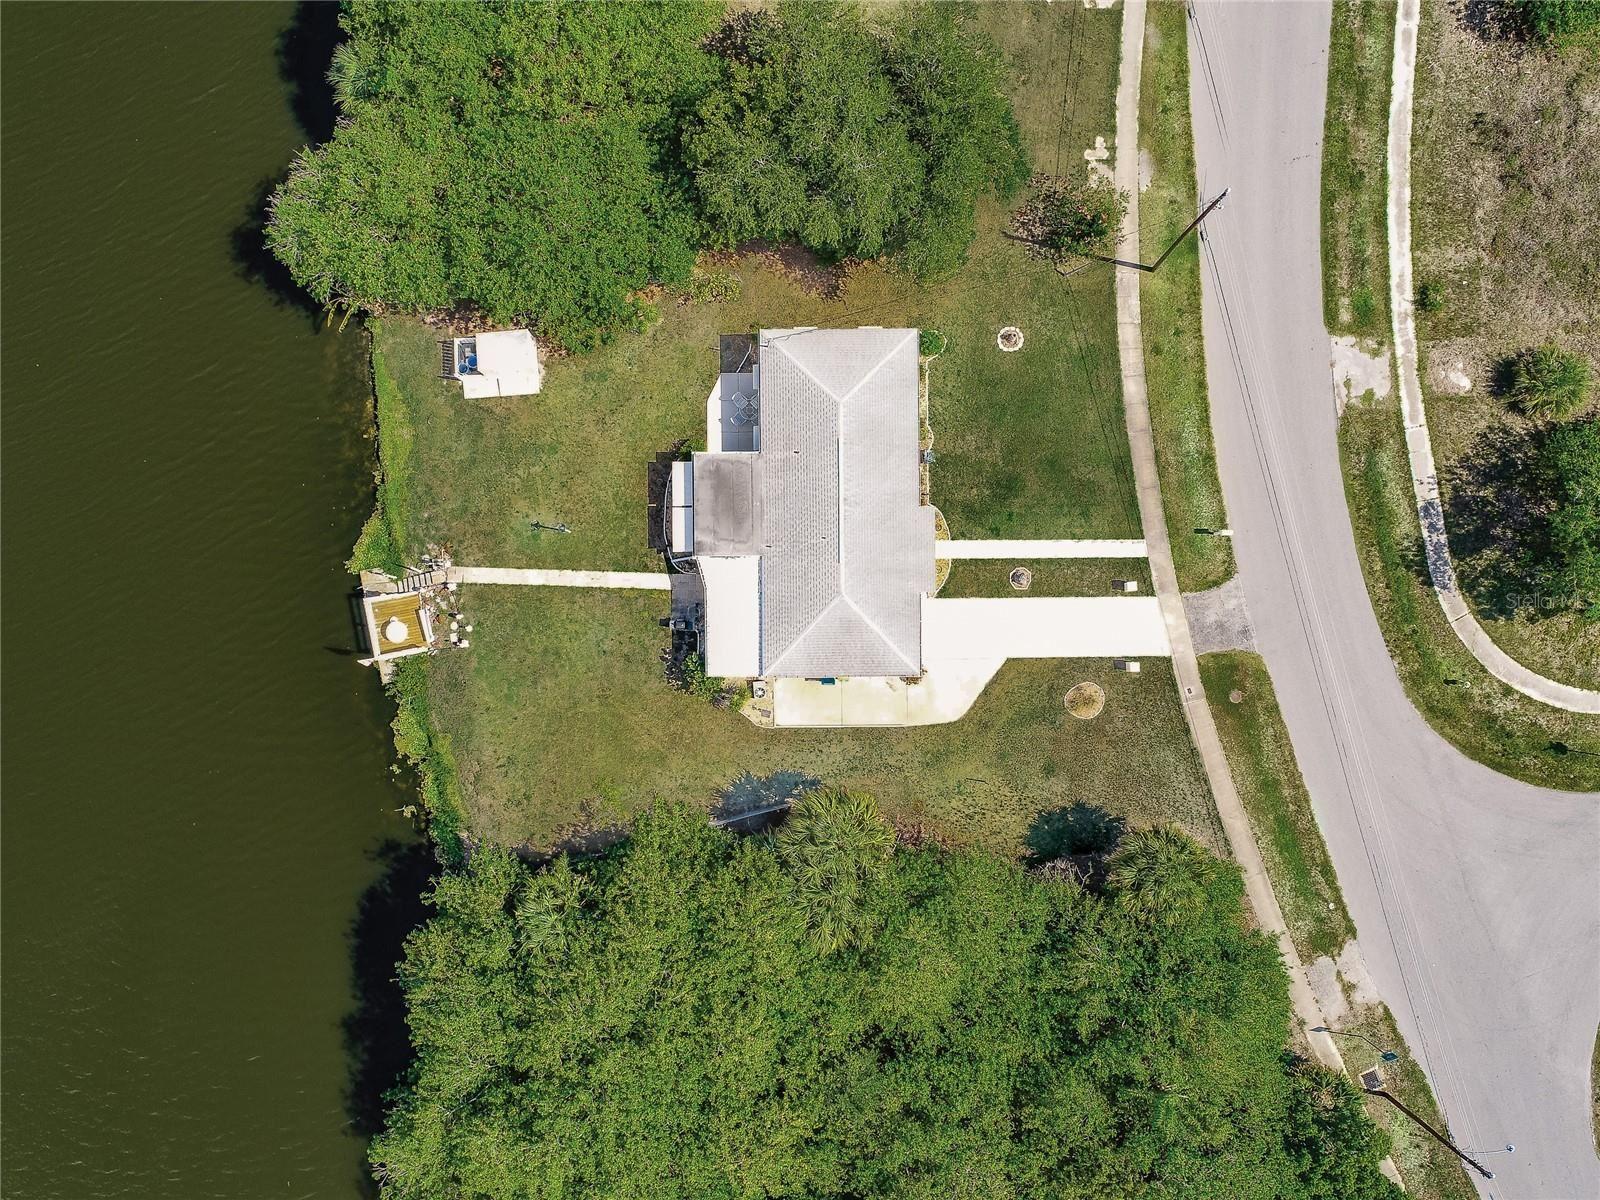 Photo of 2304 STARLITE LANE, PORT CHARLOTTE, FL 33952 (MLS # A4503941)